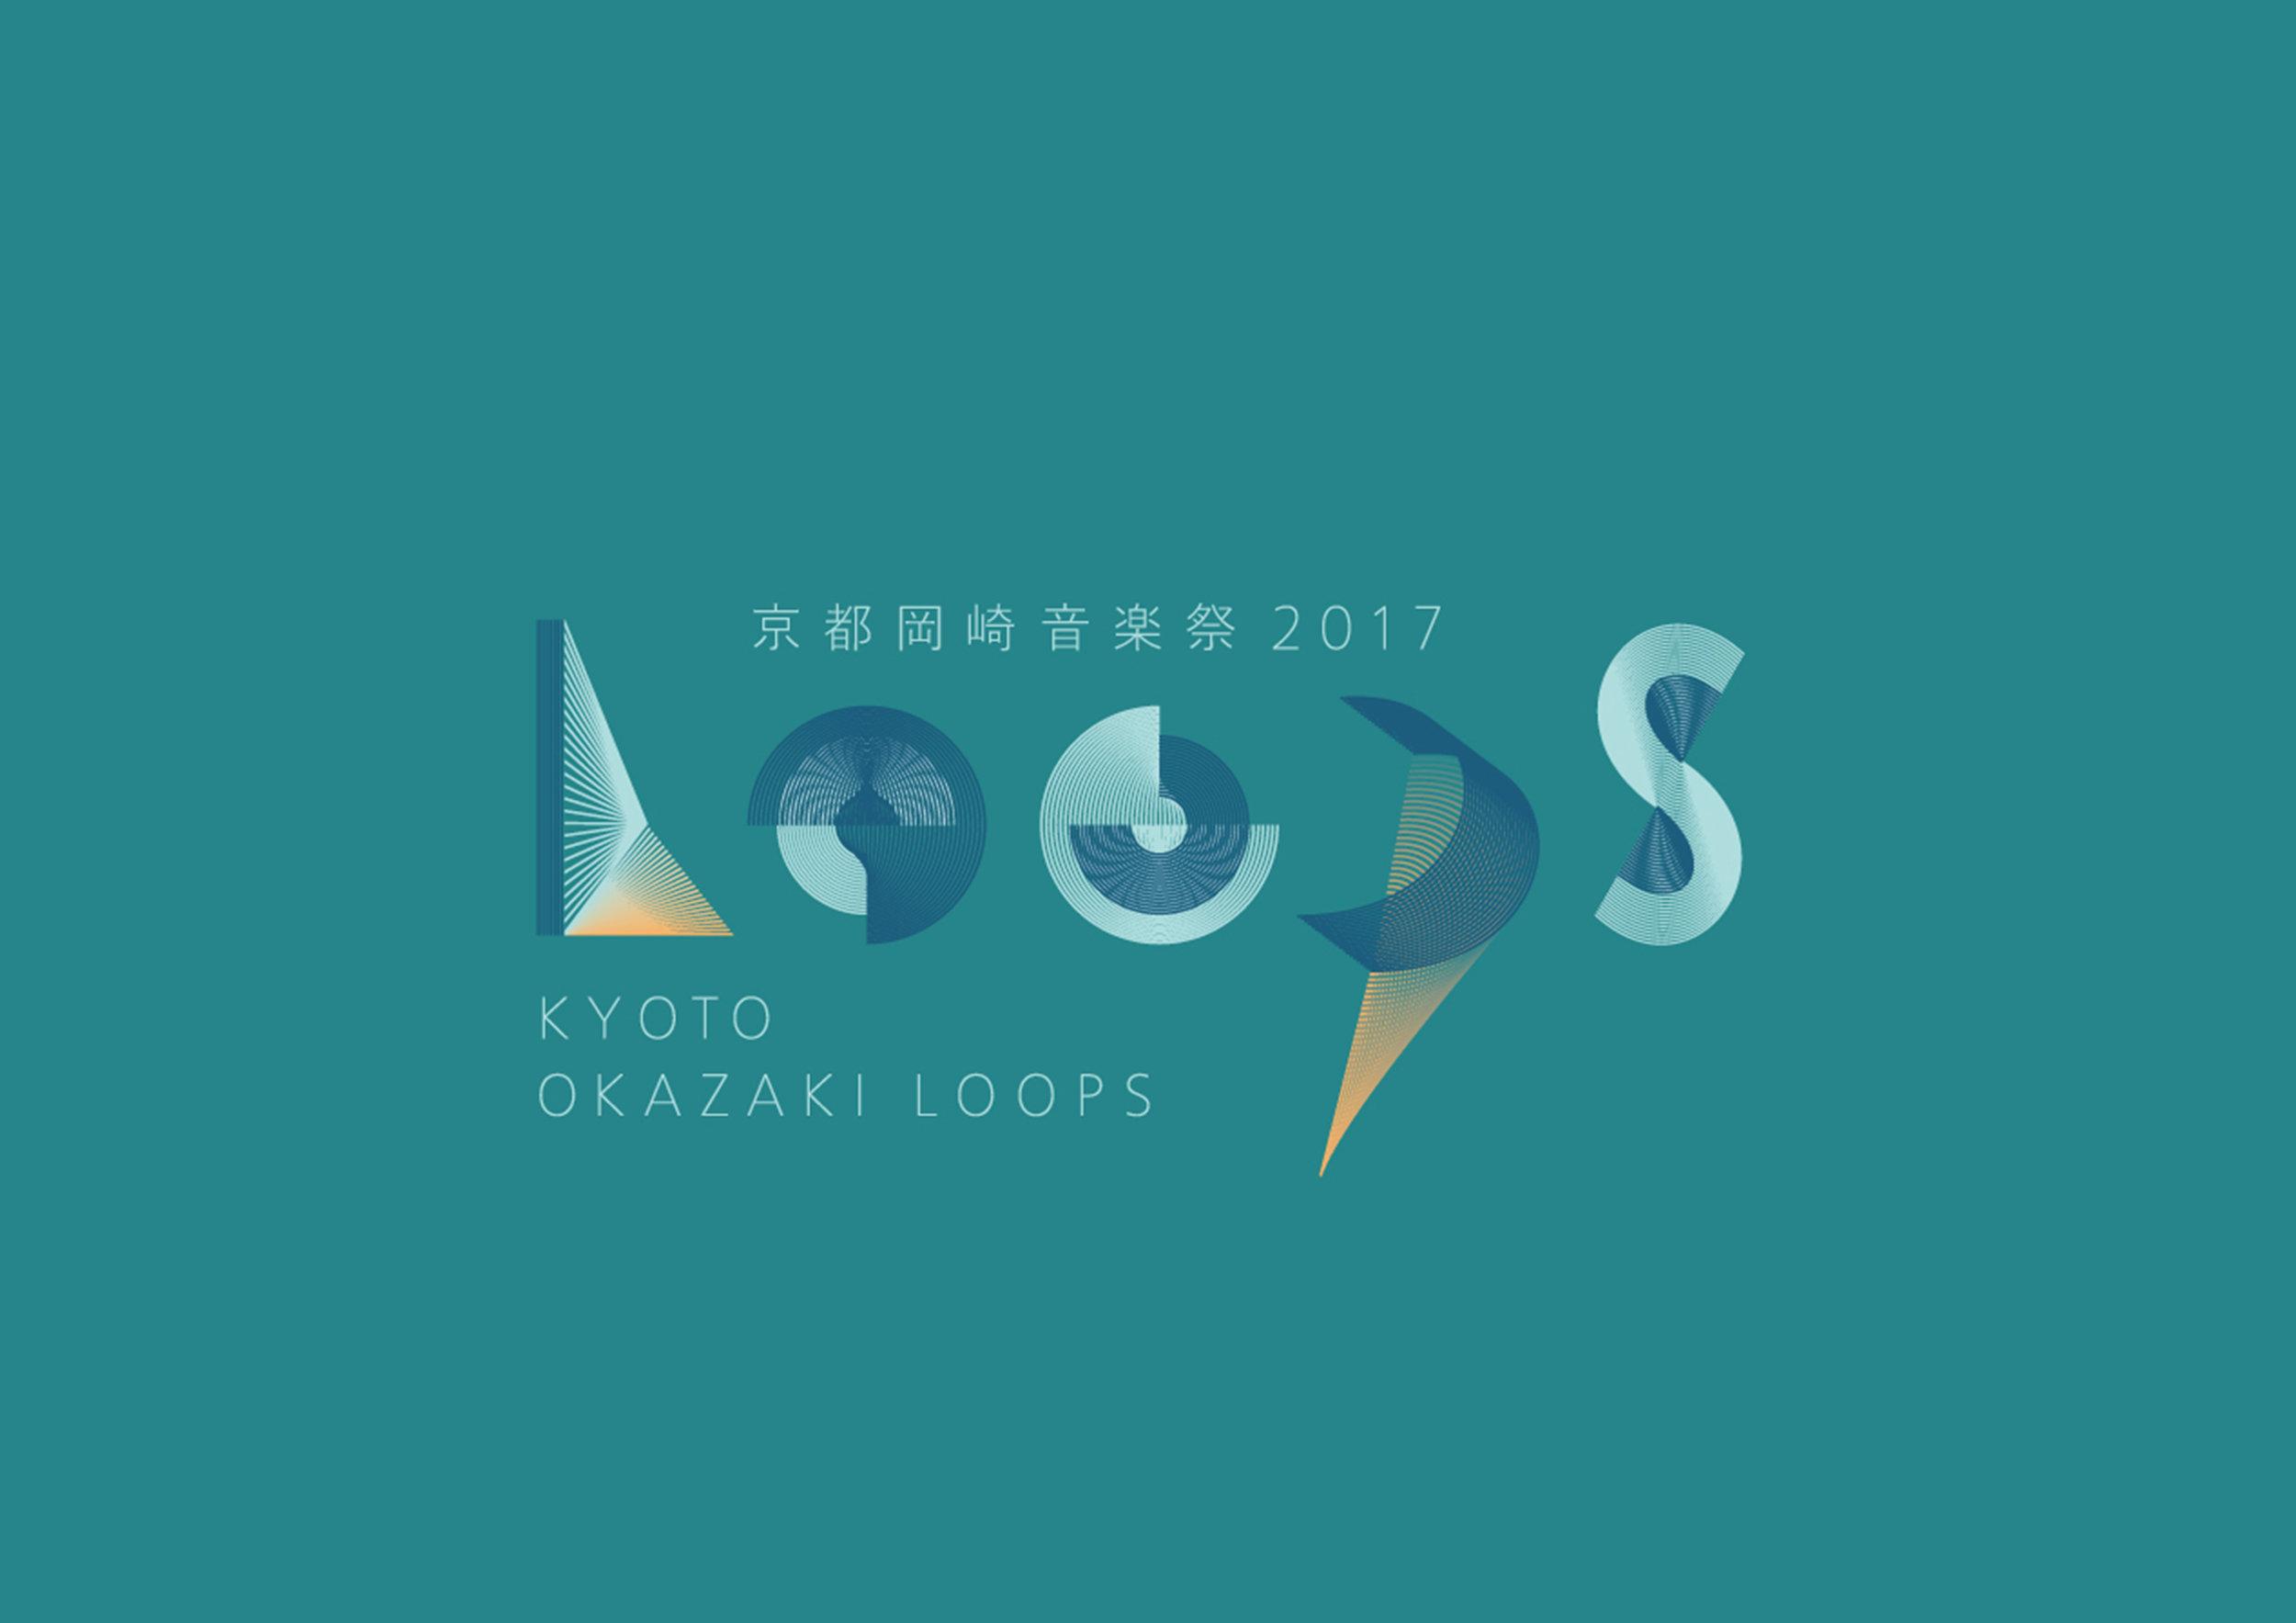 loops_logo-2017.jpg